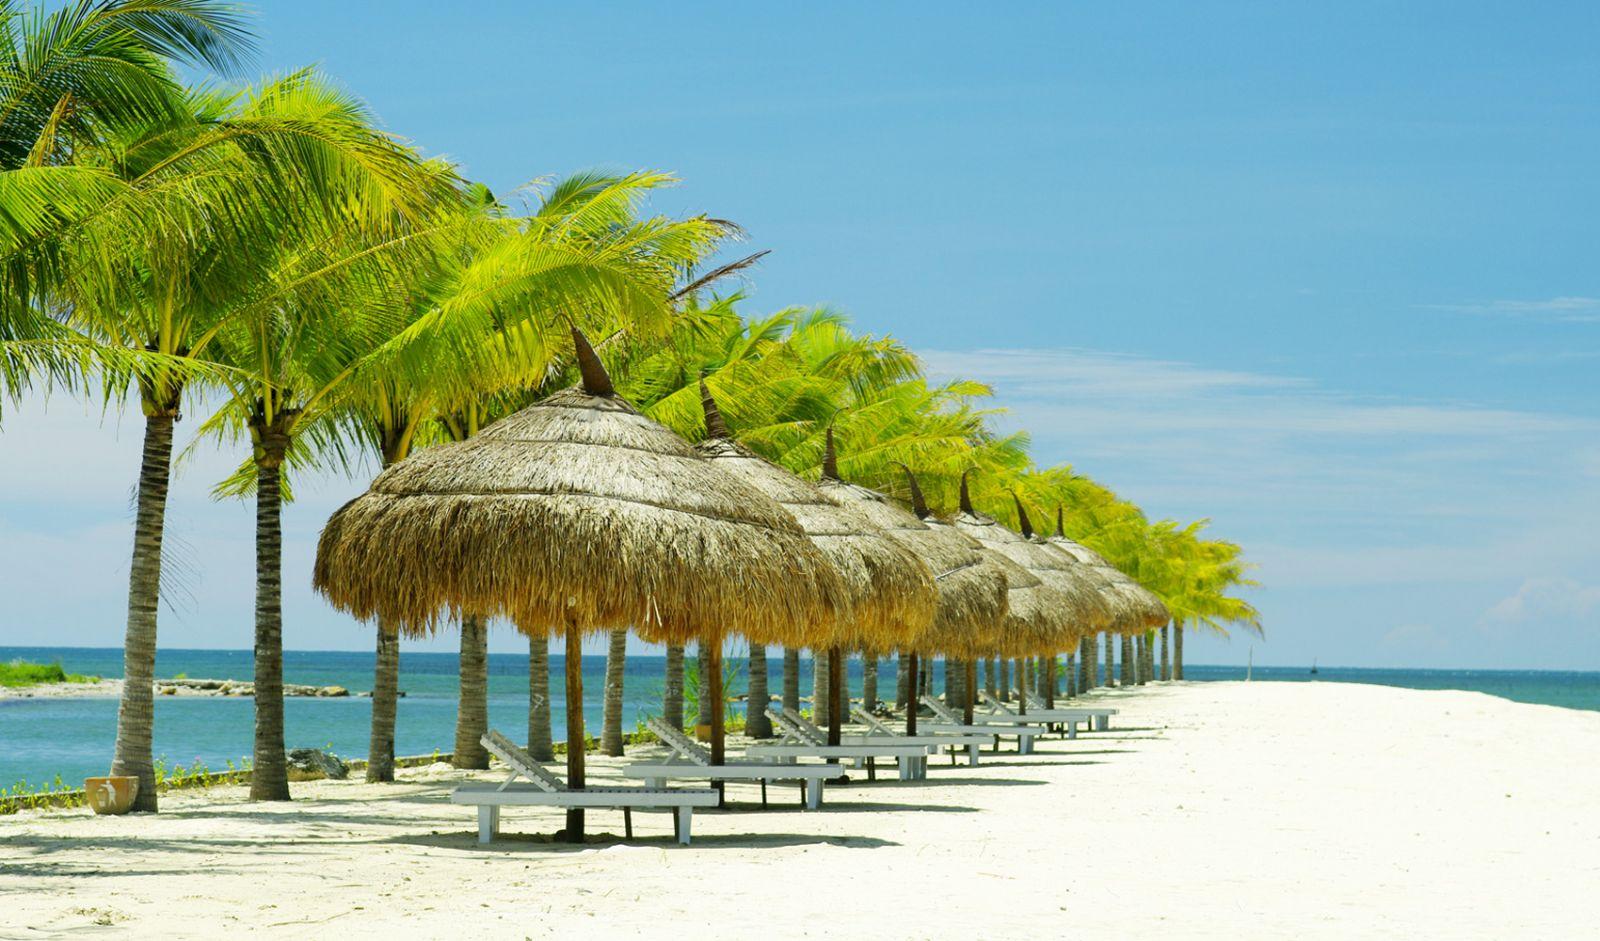 Du lịch Nha Trang - Biển Đảo - Vinpearl - Thạch Lâm 4 ngày